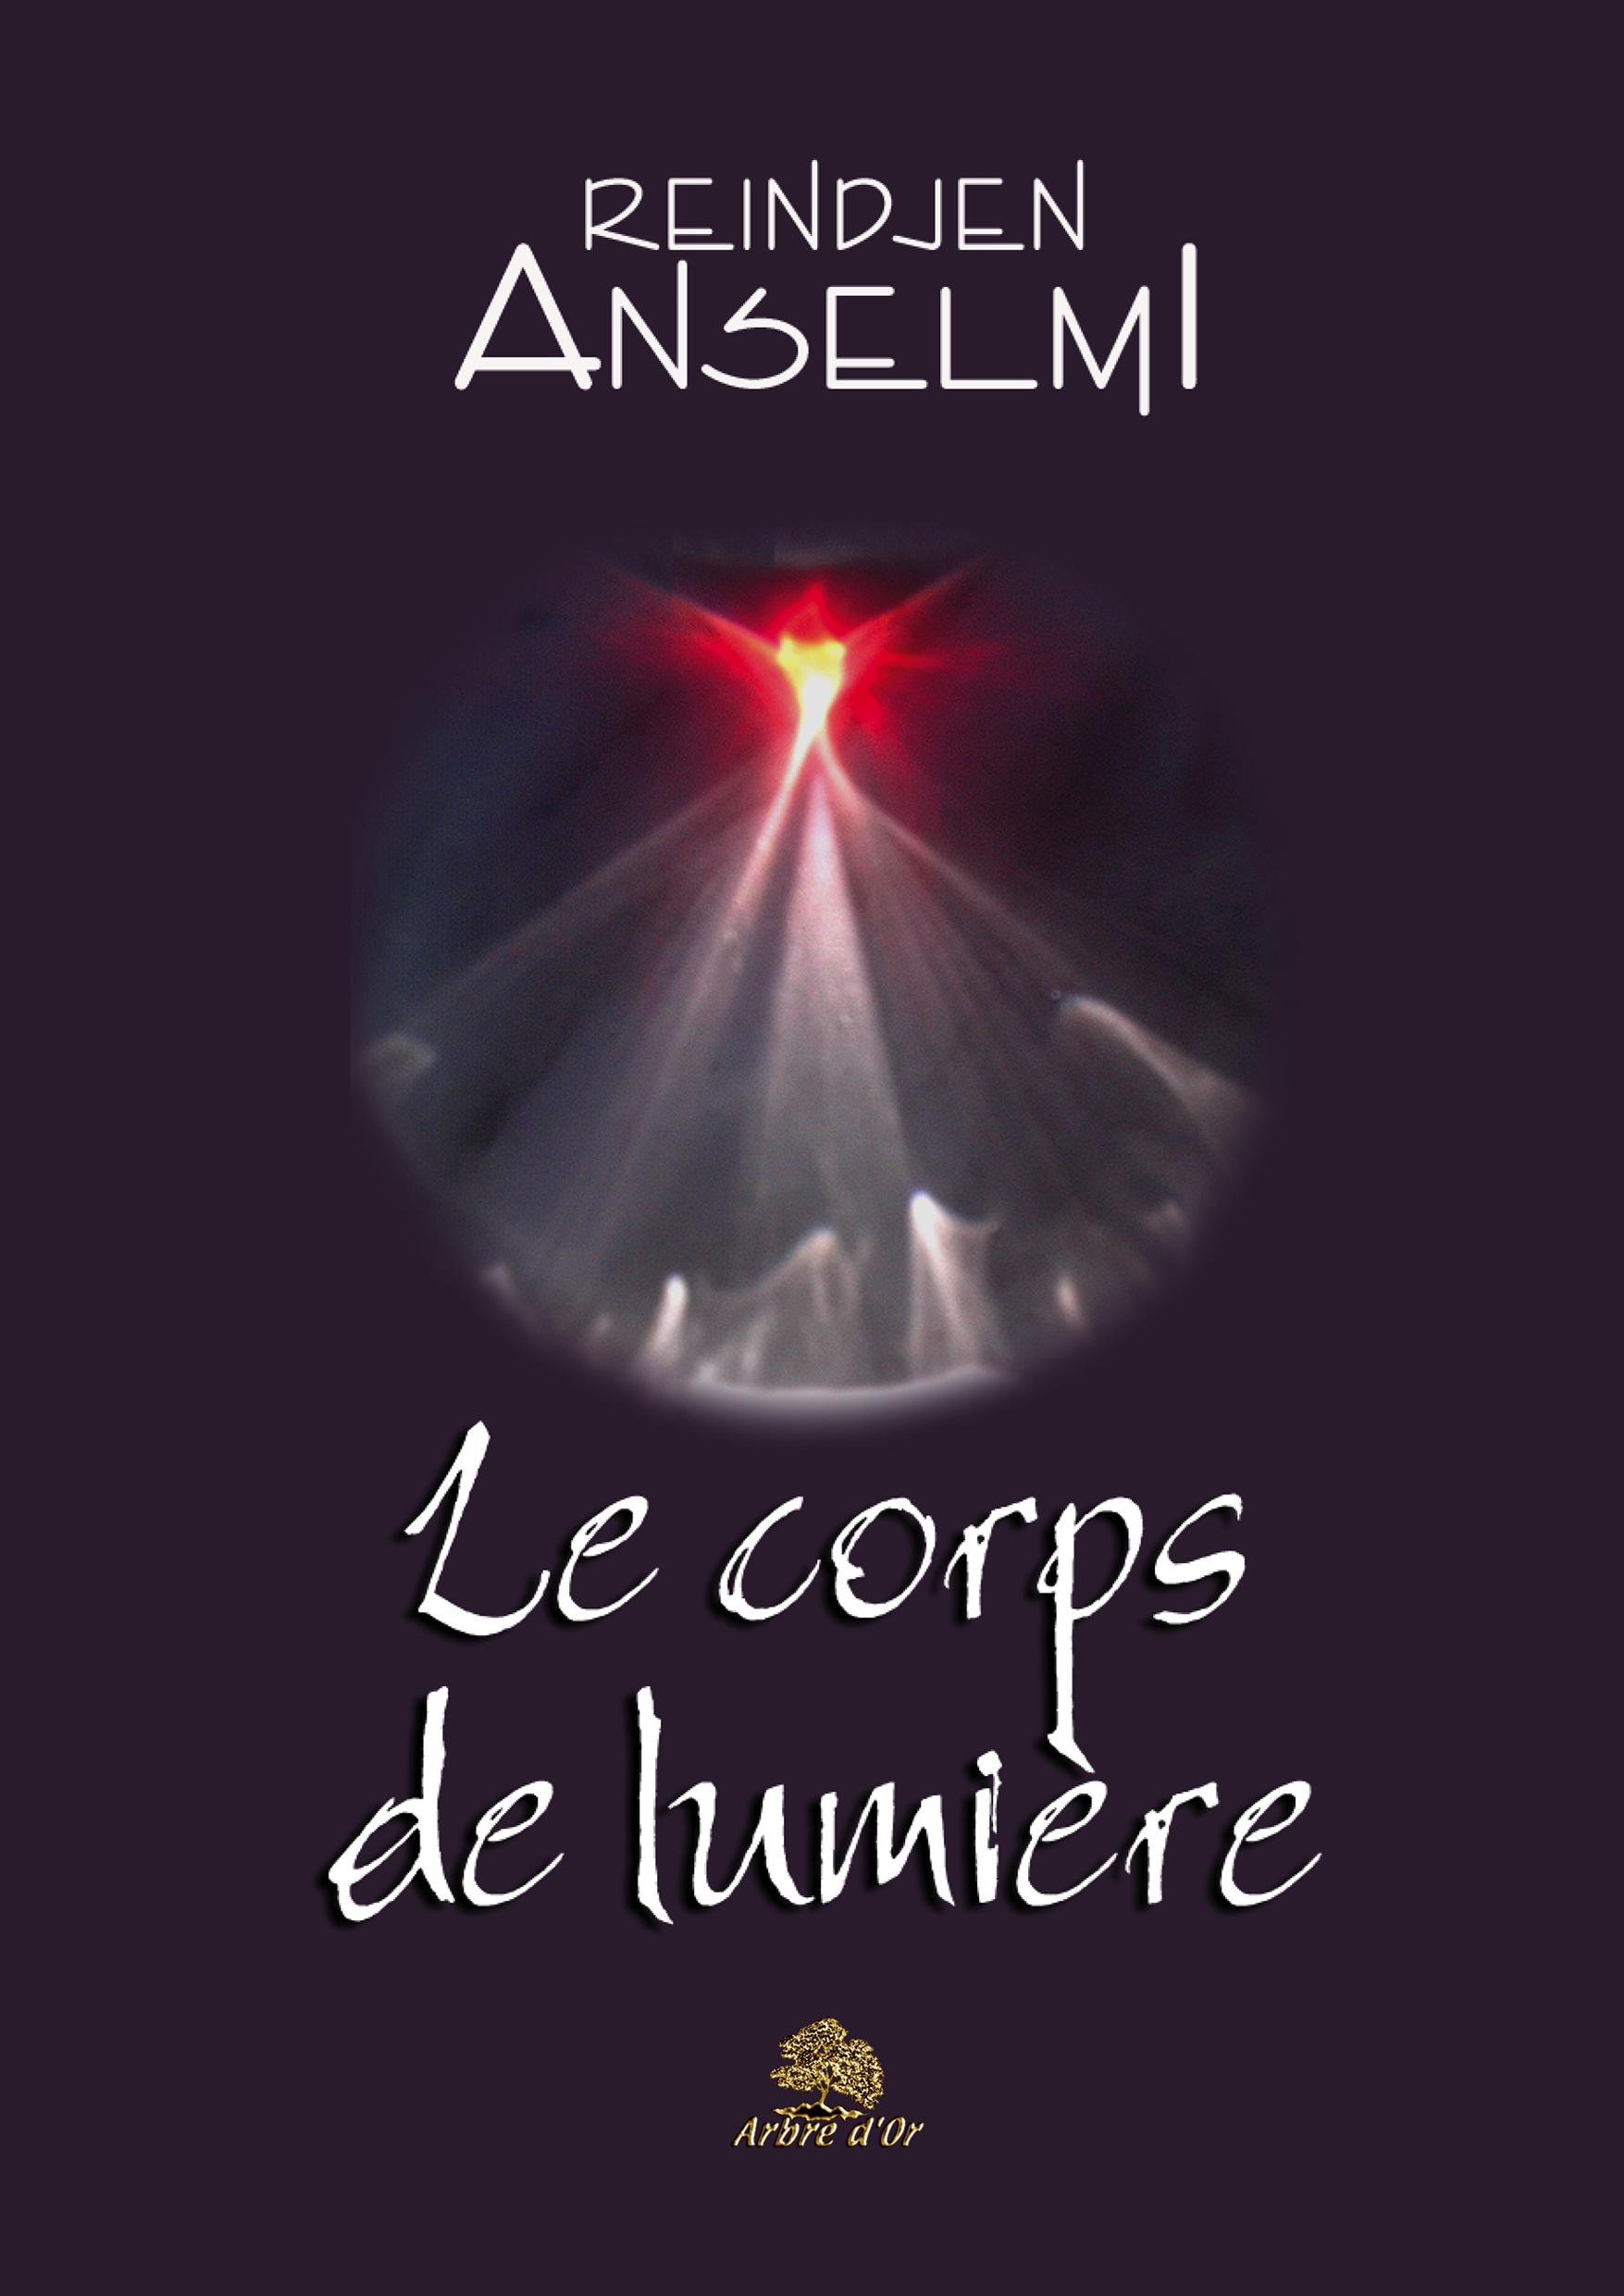 Le corps de lumière